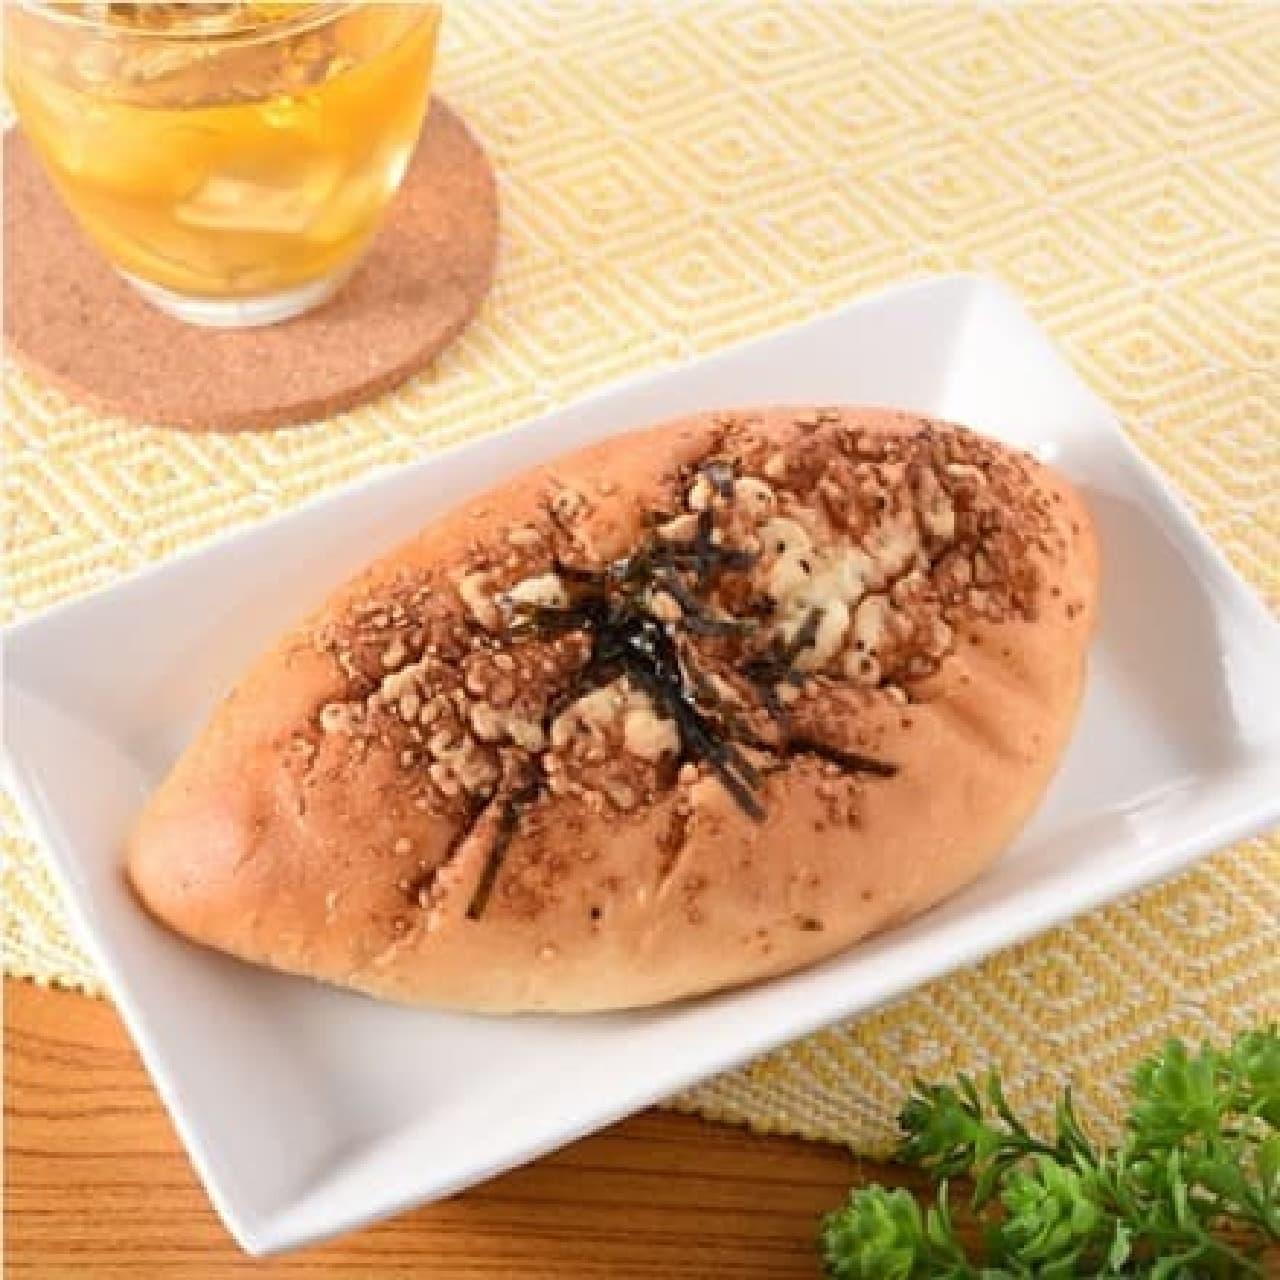 ファミリーマート「柚子胡椒香るチキンパン」